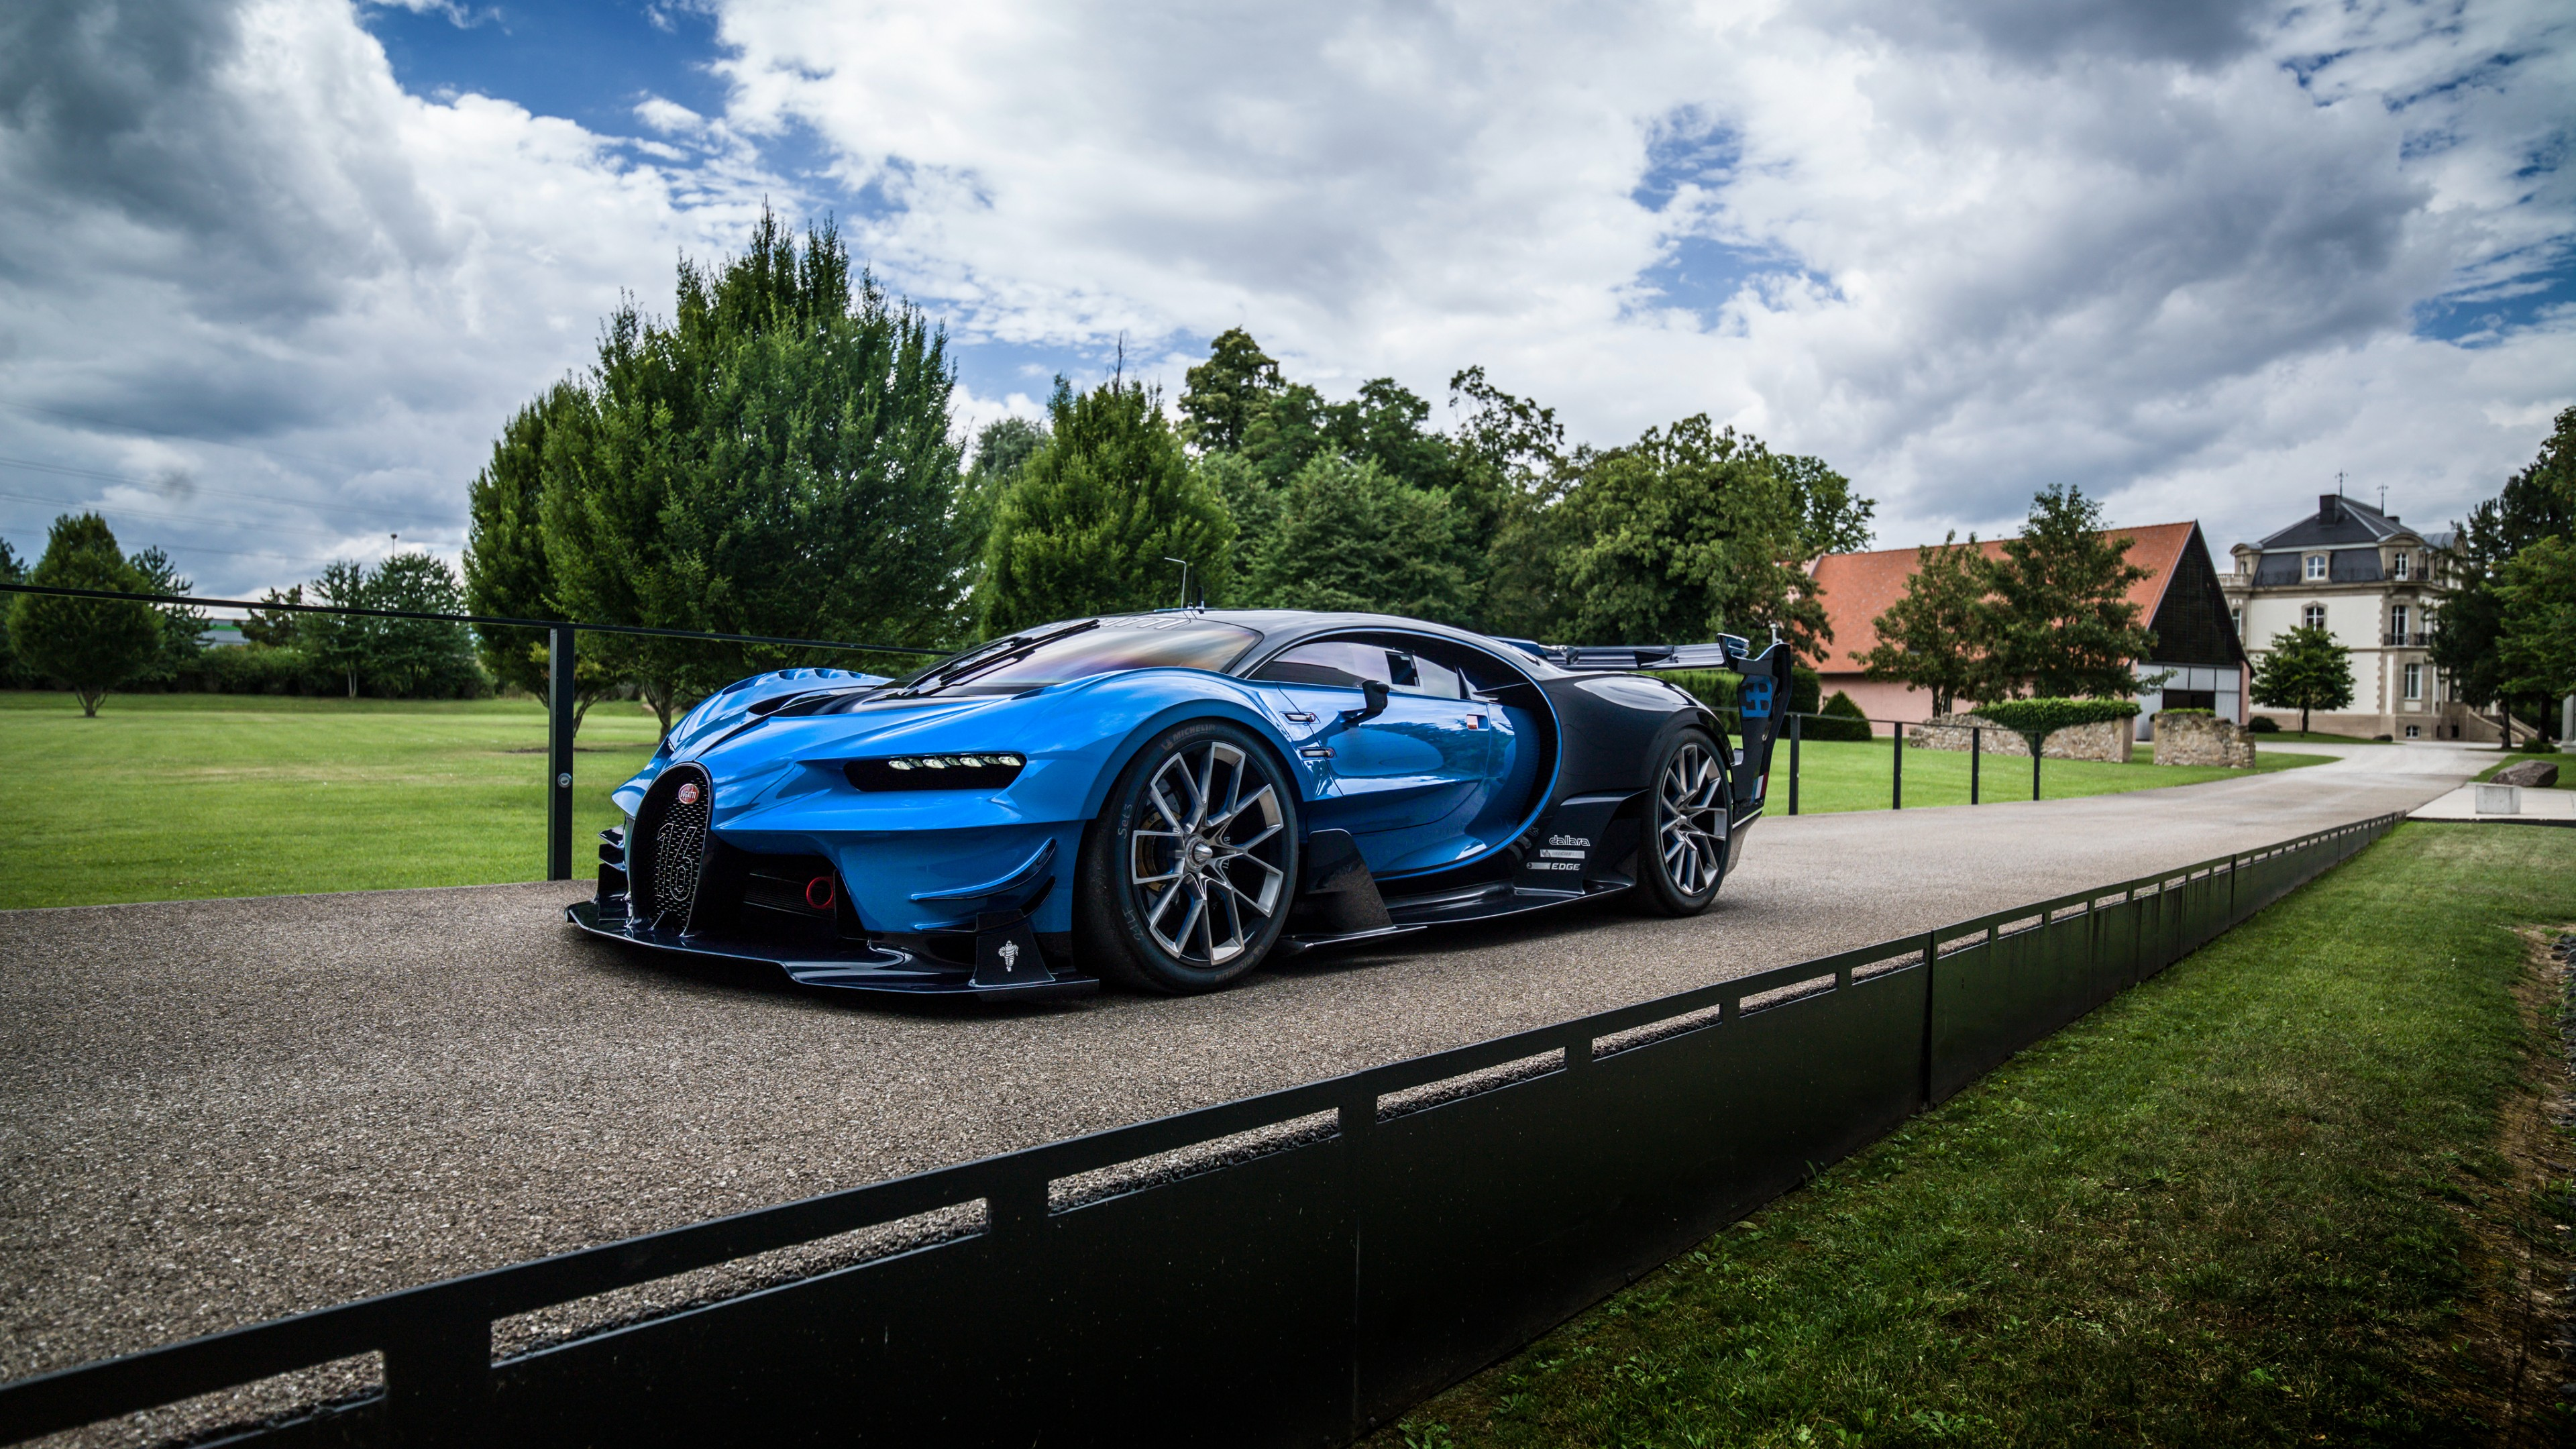 Ярко-синий спортивный автомобиль с агрессивным трековым обвесом,дисками,экстерьером